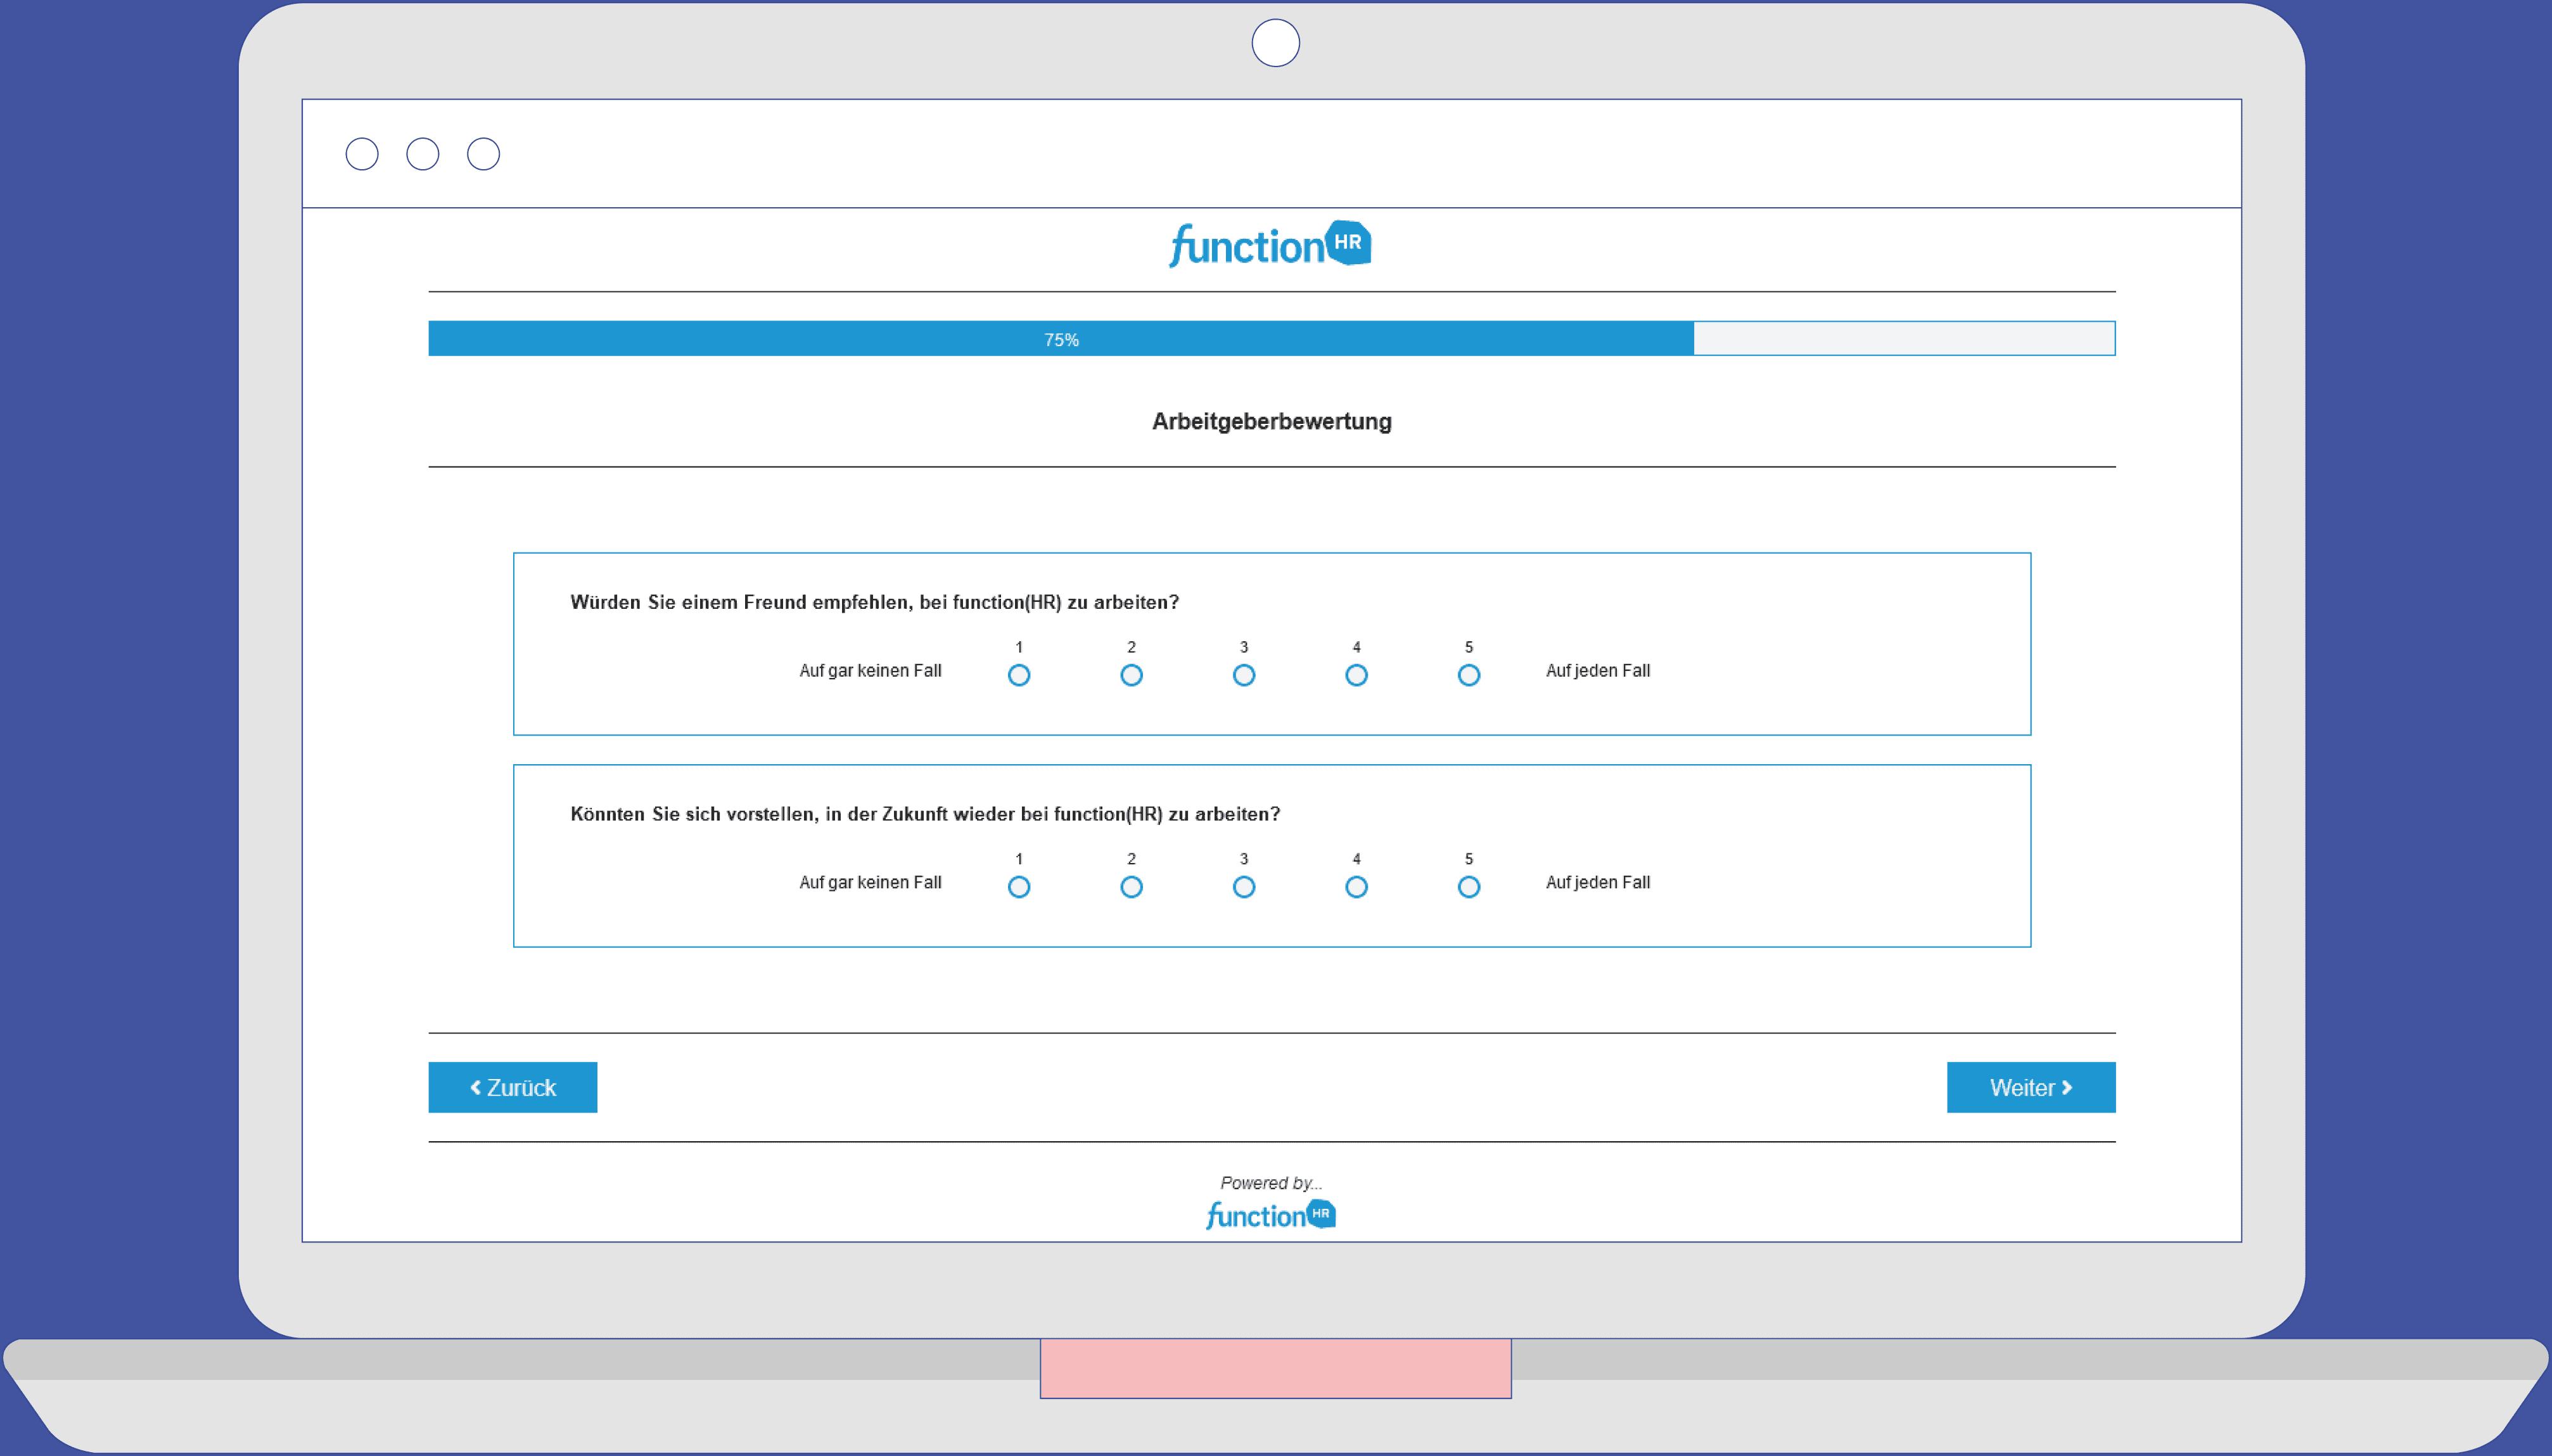 Laptop Survey mitarbeiterbefragung